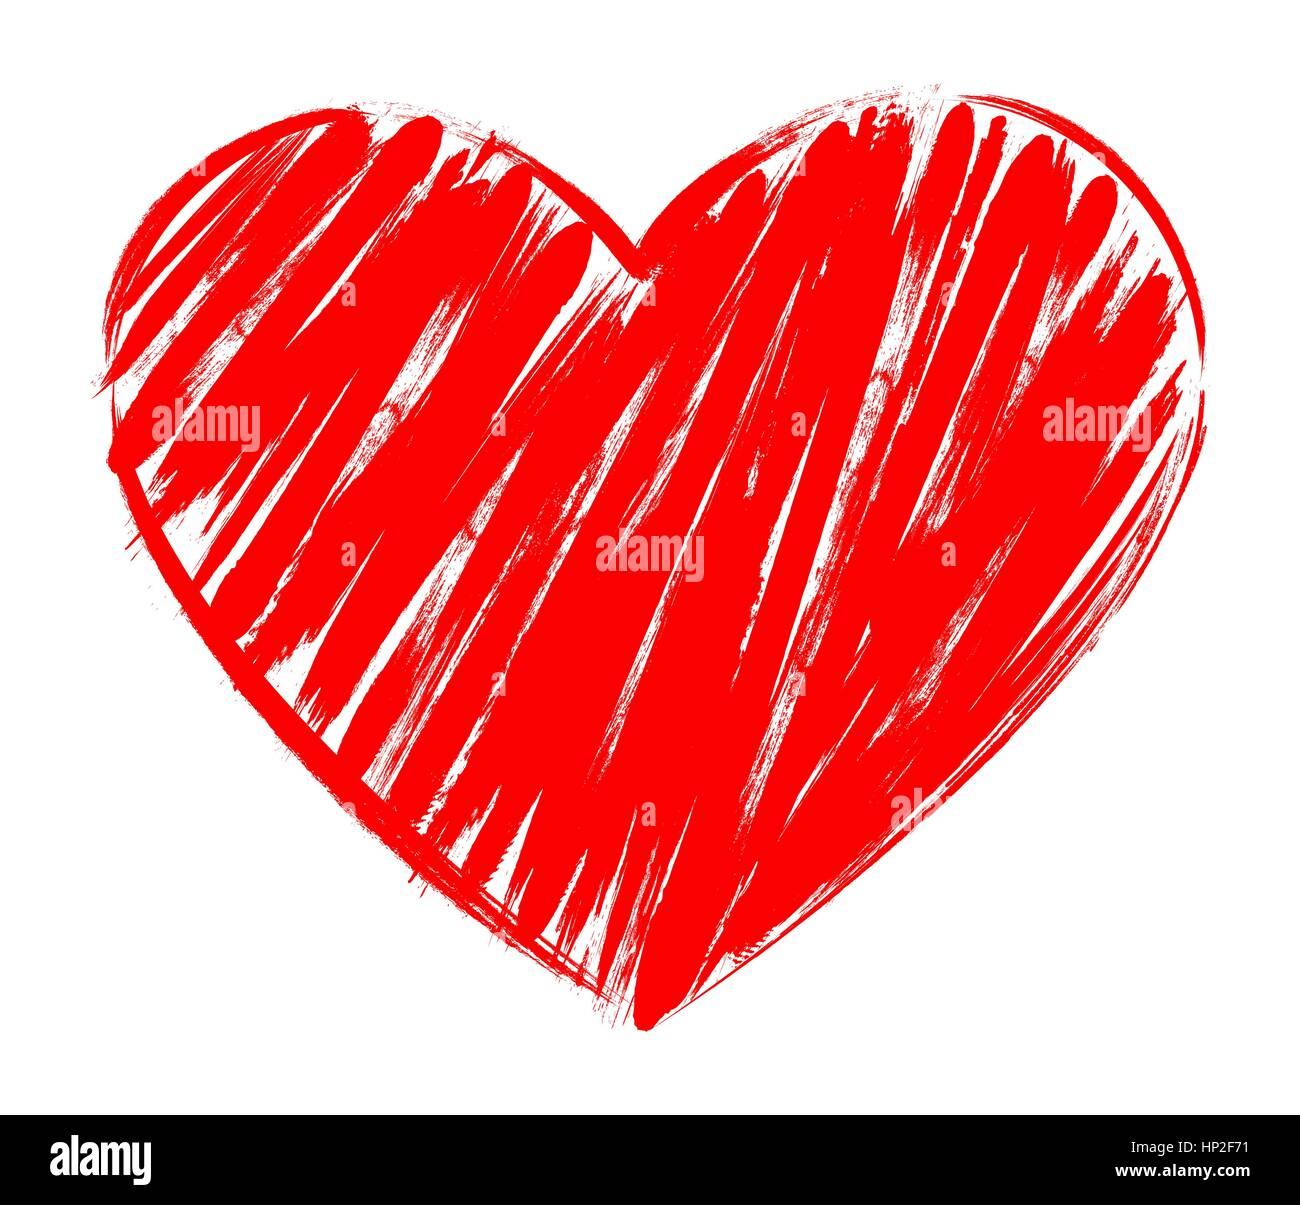 Vektor Herzen Formrahmen mit Pinsel Malerei isoliert auf weißem ...